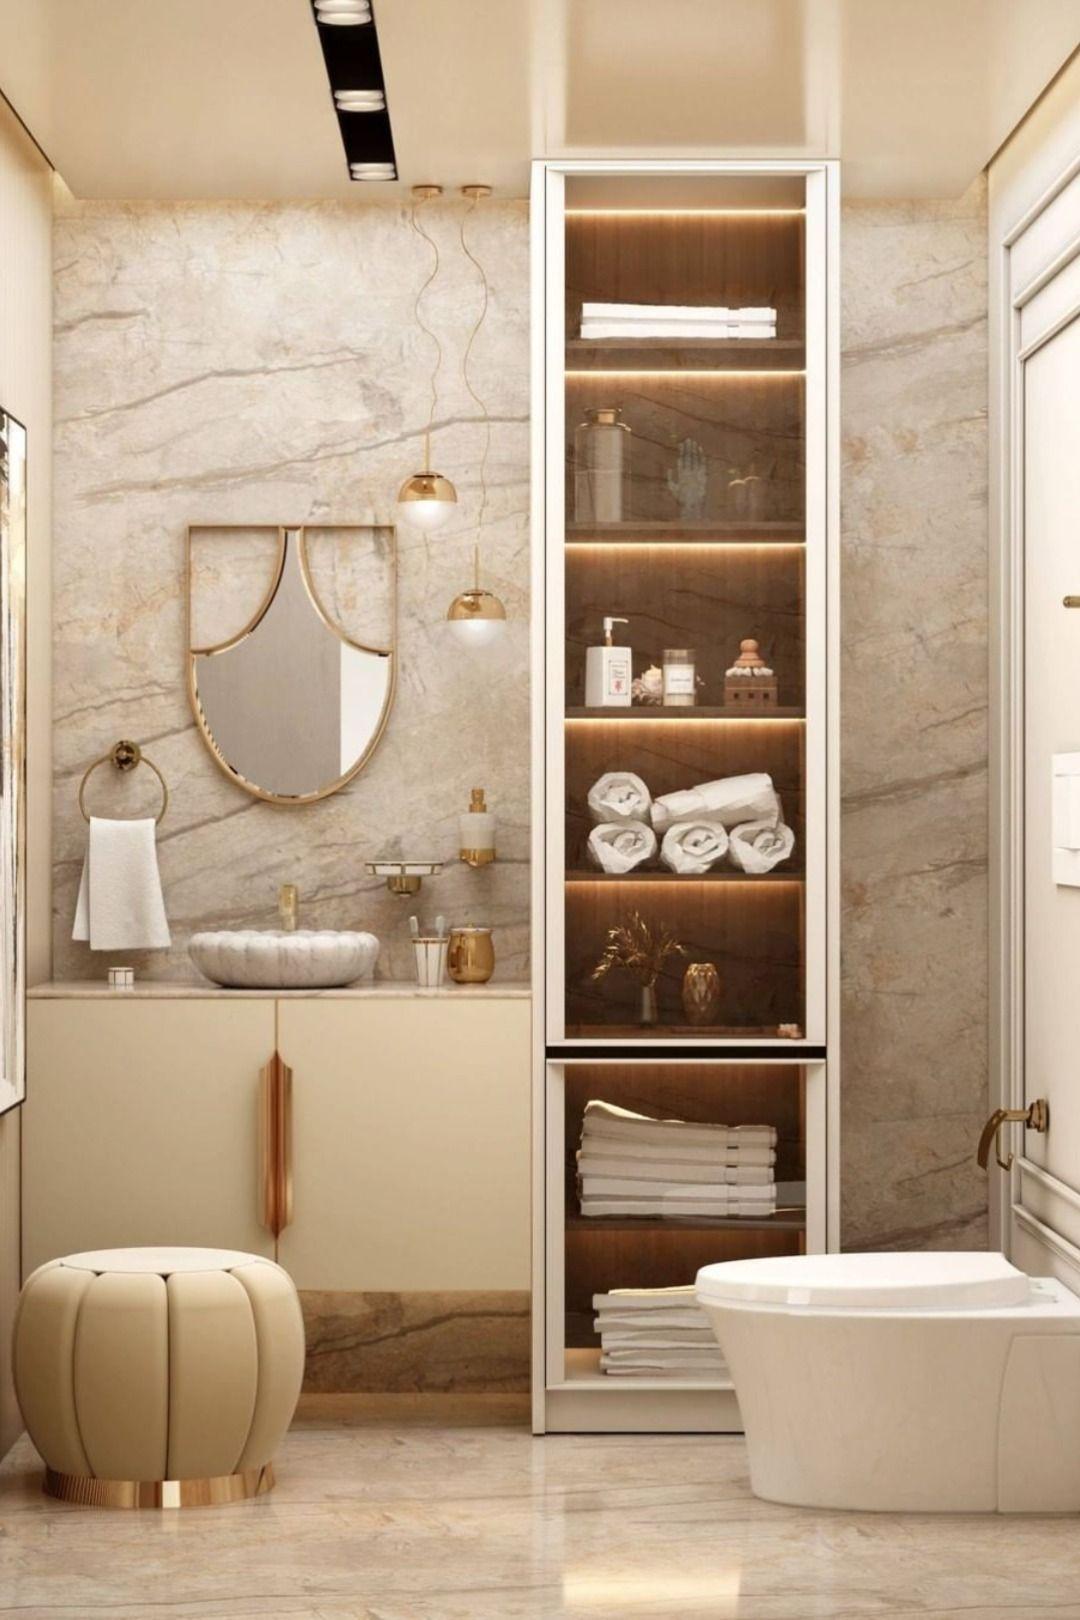 Έξυπνες λύσεις για το μπάνιο σας